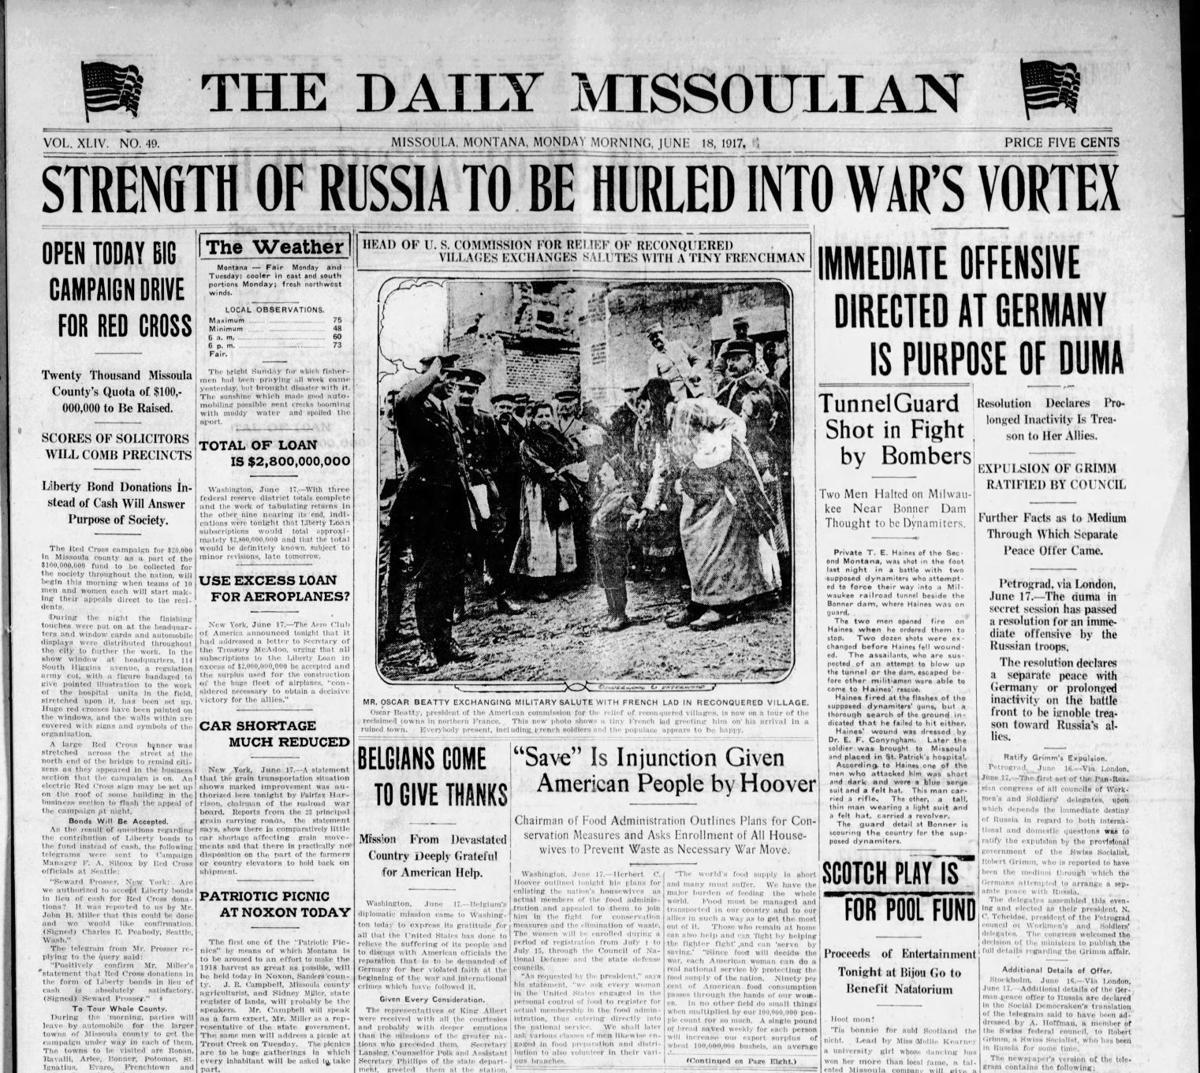 Missoulian Page 1 June 18, 1917